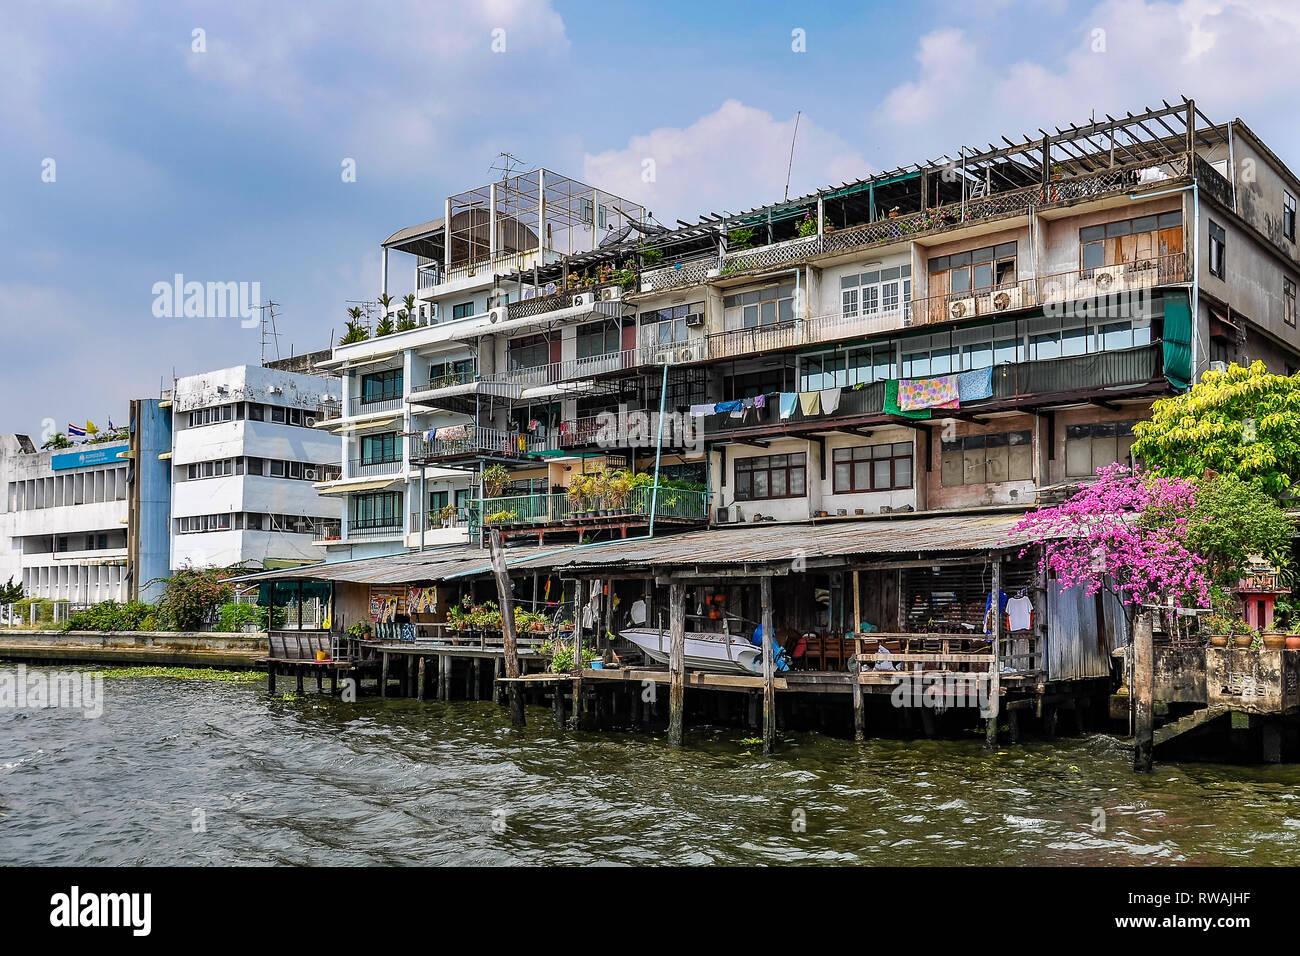 Dans les bâtiments au bord de la rivière Chao Praya, à Bangkok en Thaïlande Banque D'Images